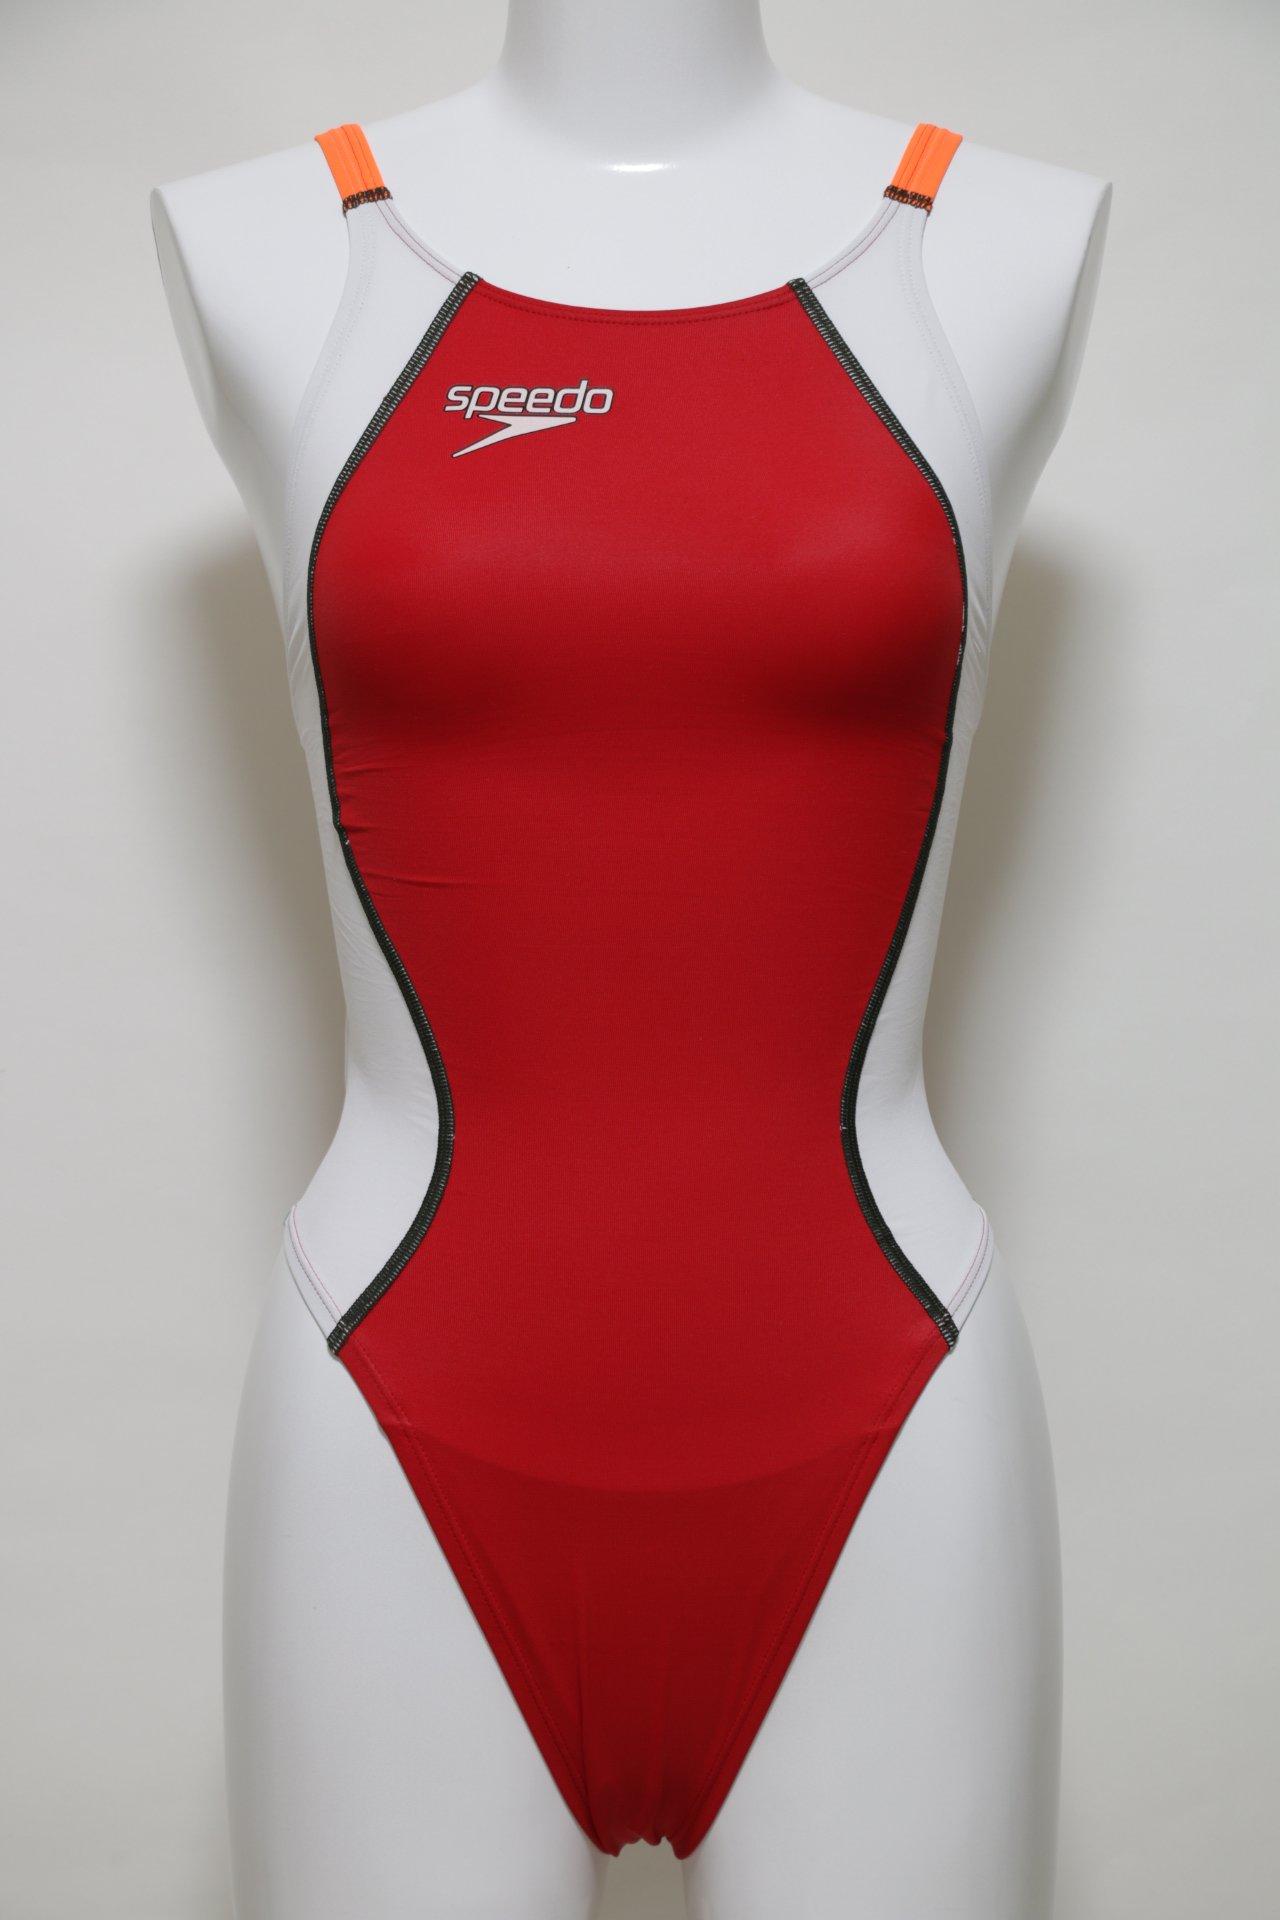 Bespoked Speedo Women's Competition Swimwear Fastskin XT-W High Leg Cut One Piece